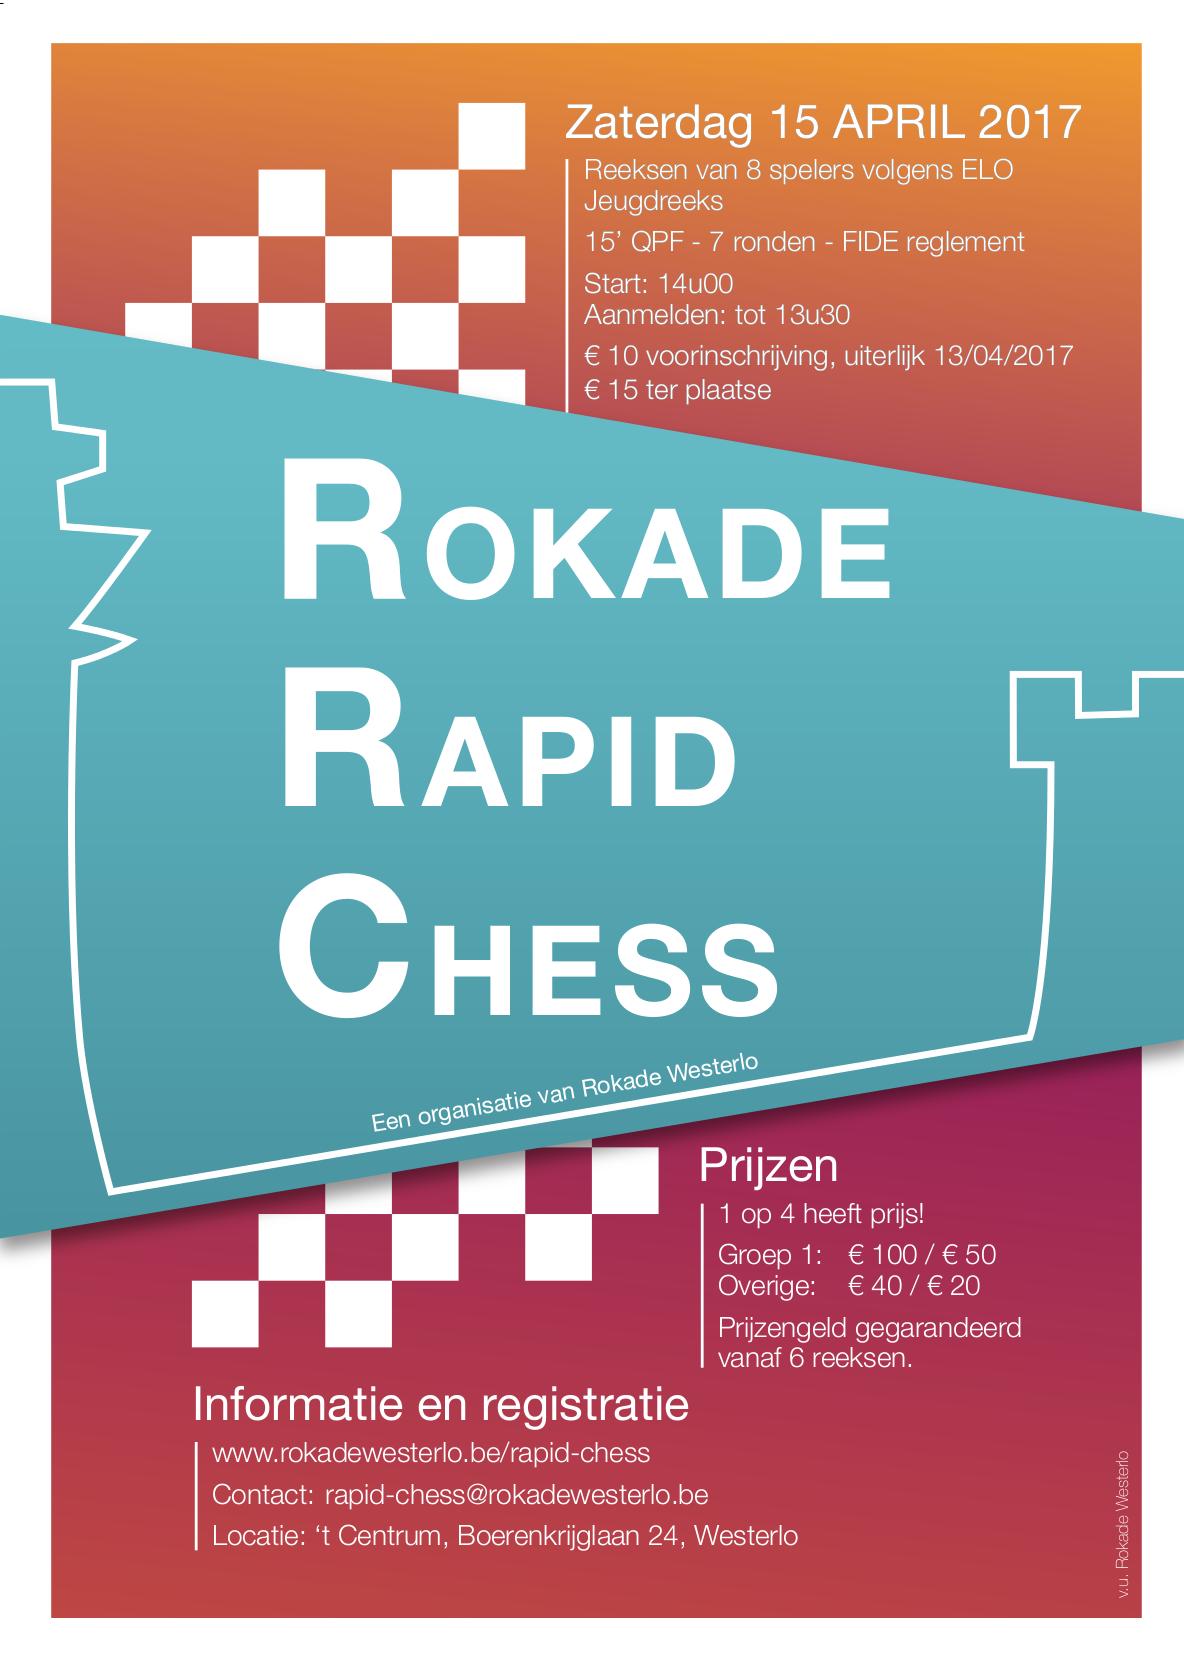 RokadeRapidChess_2017